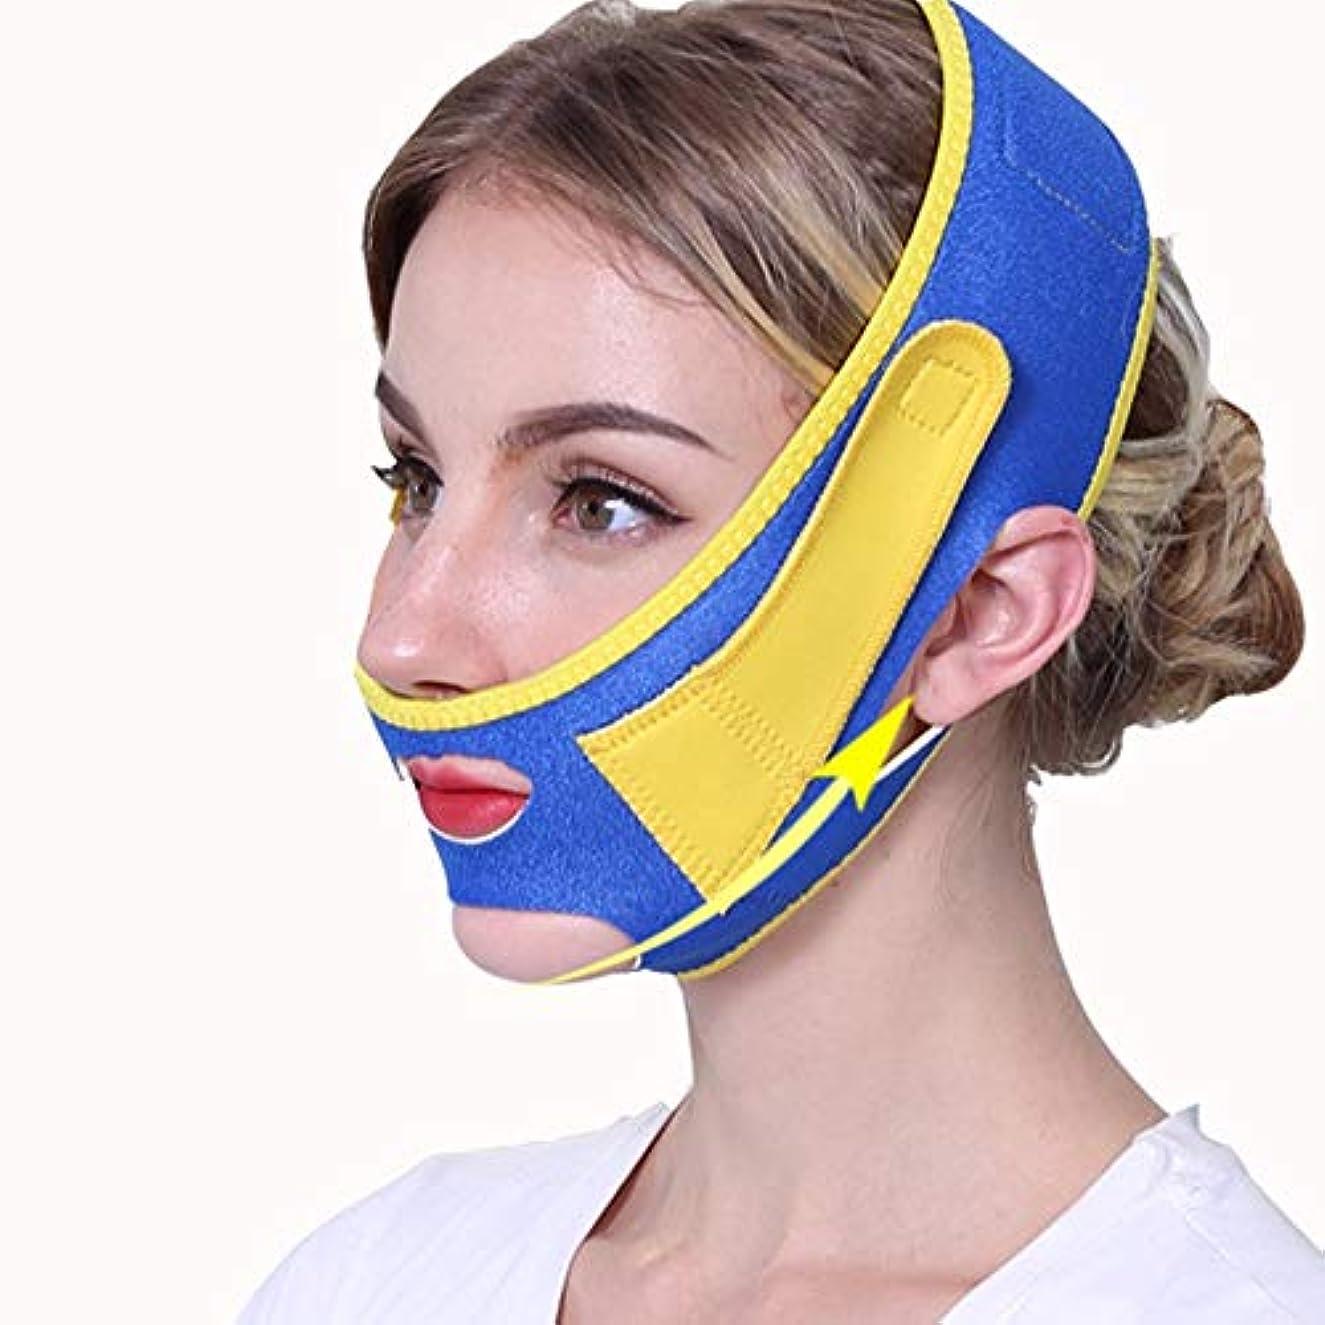 左バナーピザBS フェイシャルリフティング痩身ベルトフェイス包帯マスク整形マスクフェイスベルトを引き締める薄型フェイス包帯整形マスクフェイスと首の顔を引き締めスリム フェイスリフティングアーティファクト